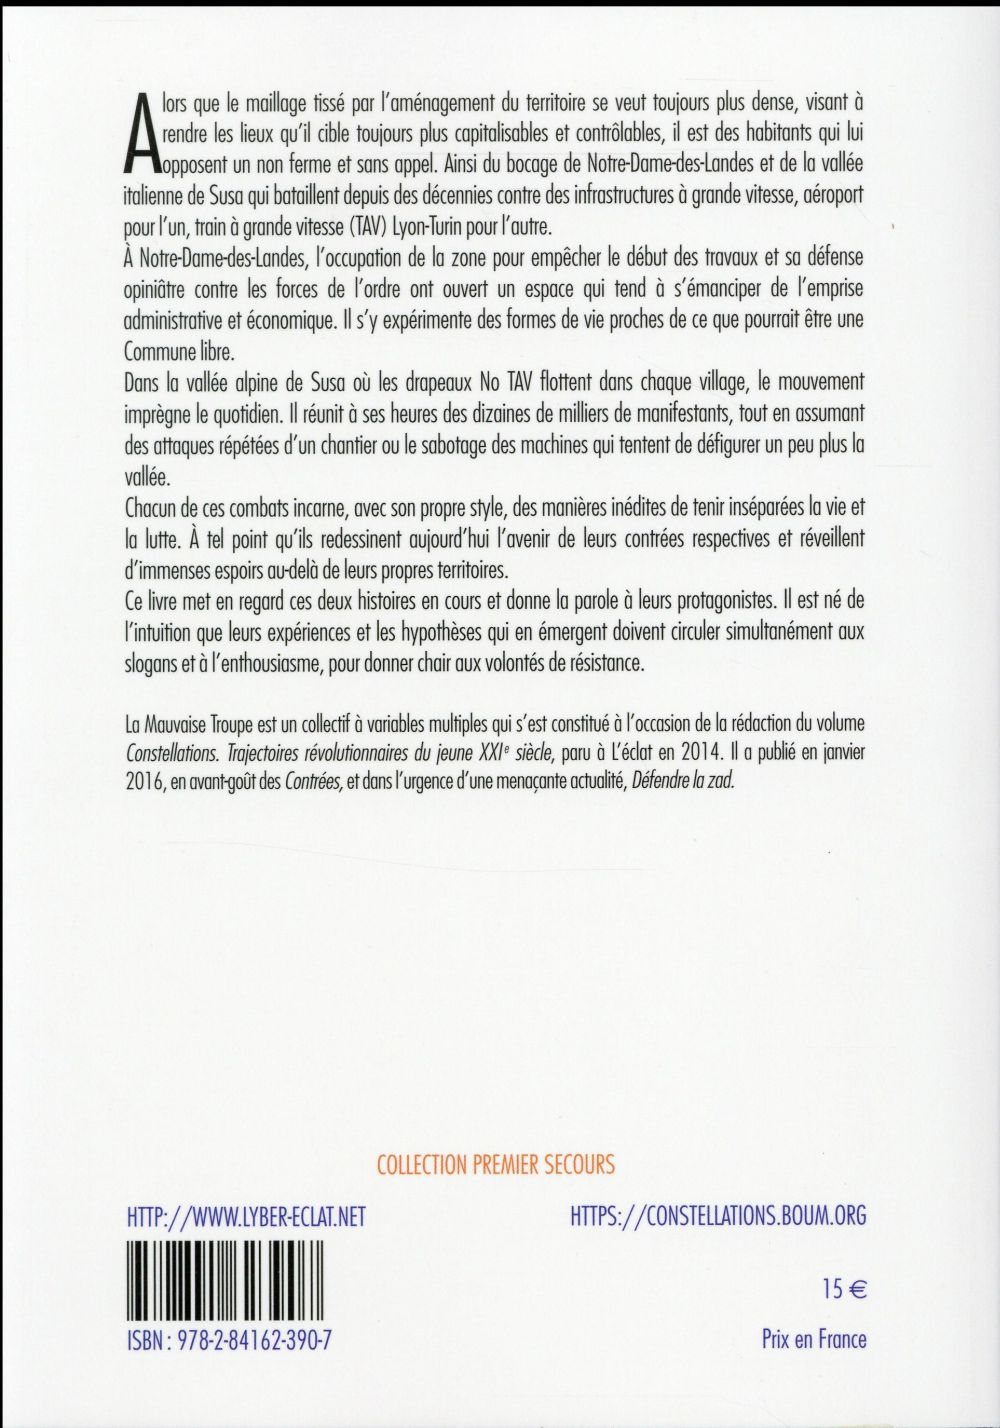 contrées ; histoires croisées de la ZAD de Notre-Dame-des-Landes et de la lutte No TAV dans le Val Susa